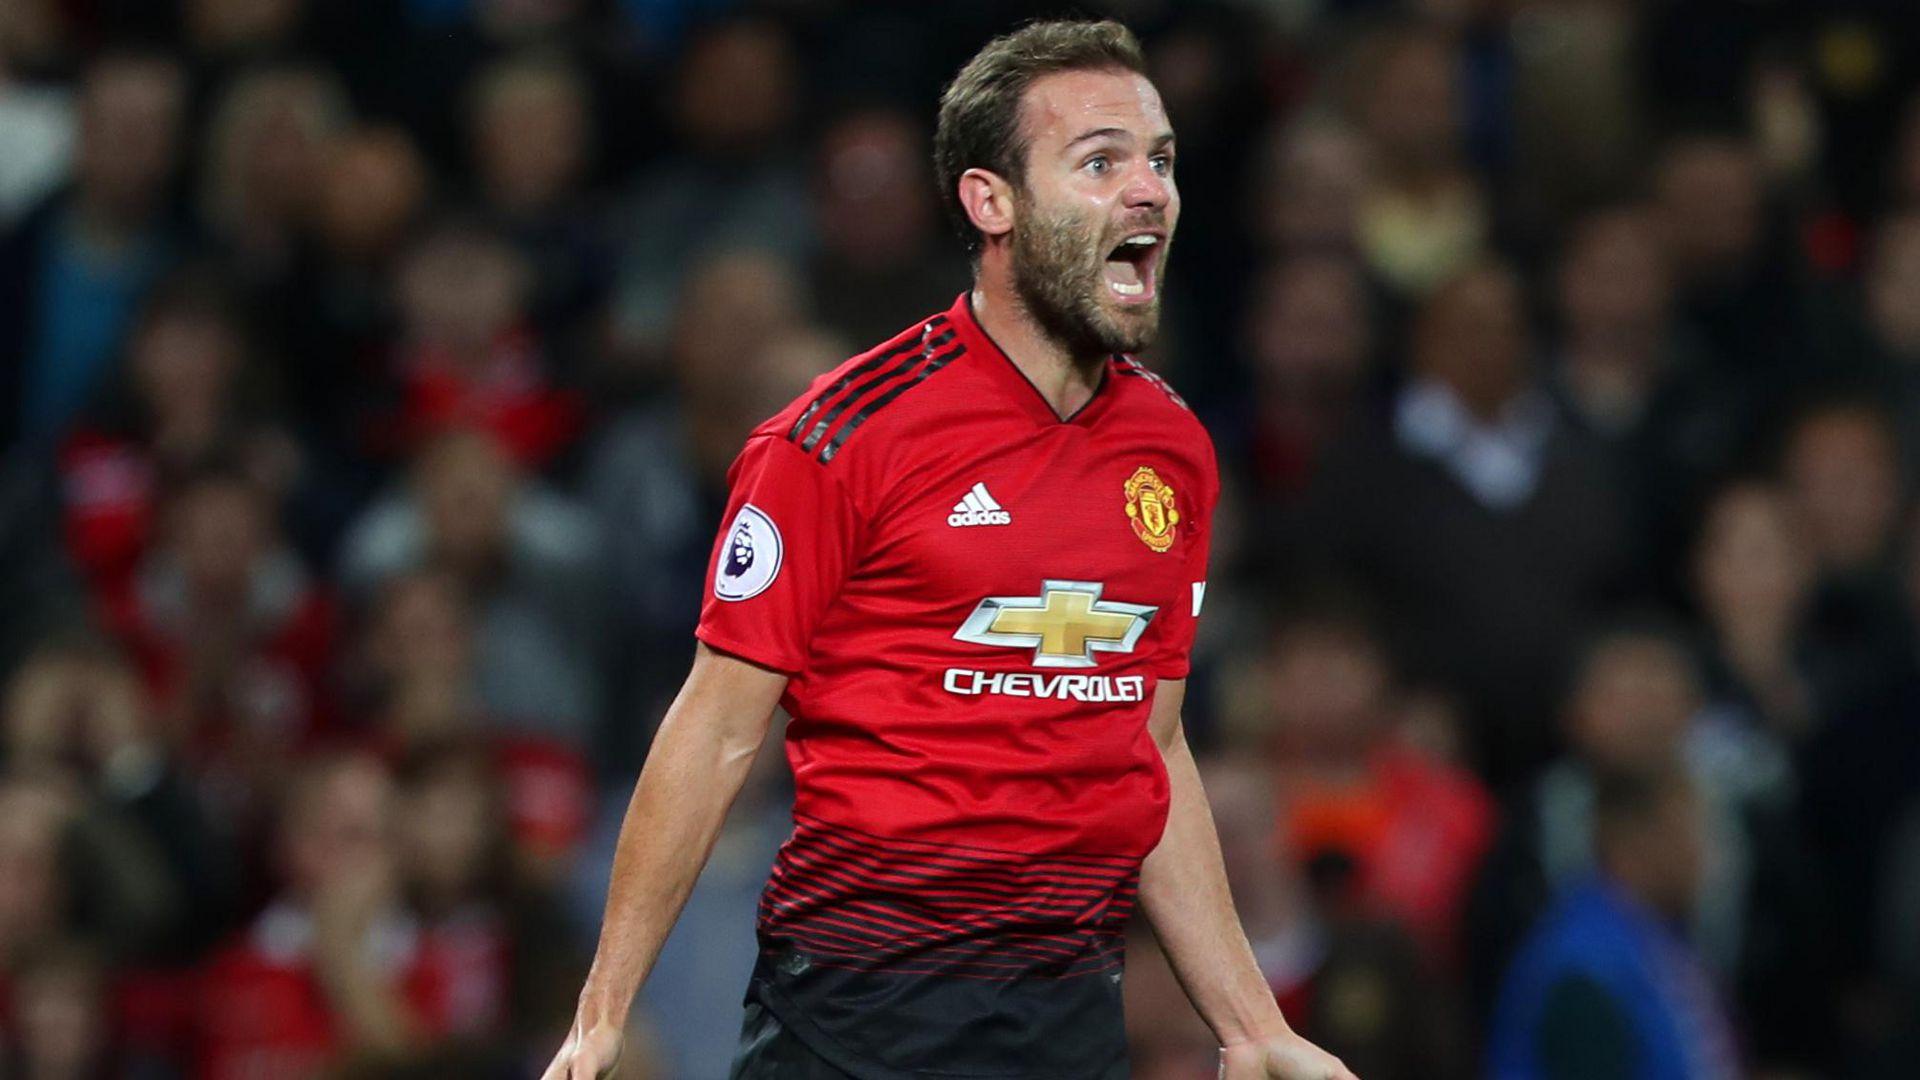 Juan Mata Tidak Akan Habis Kontrak, Manchester United Menaikkan Tawarannya